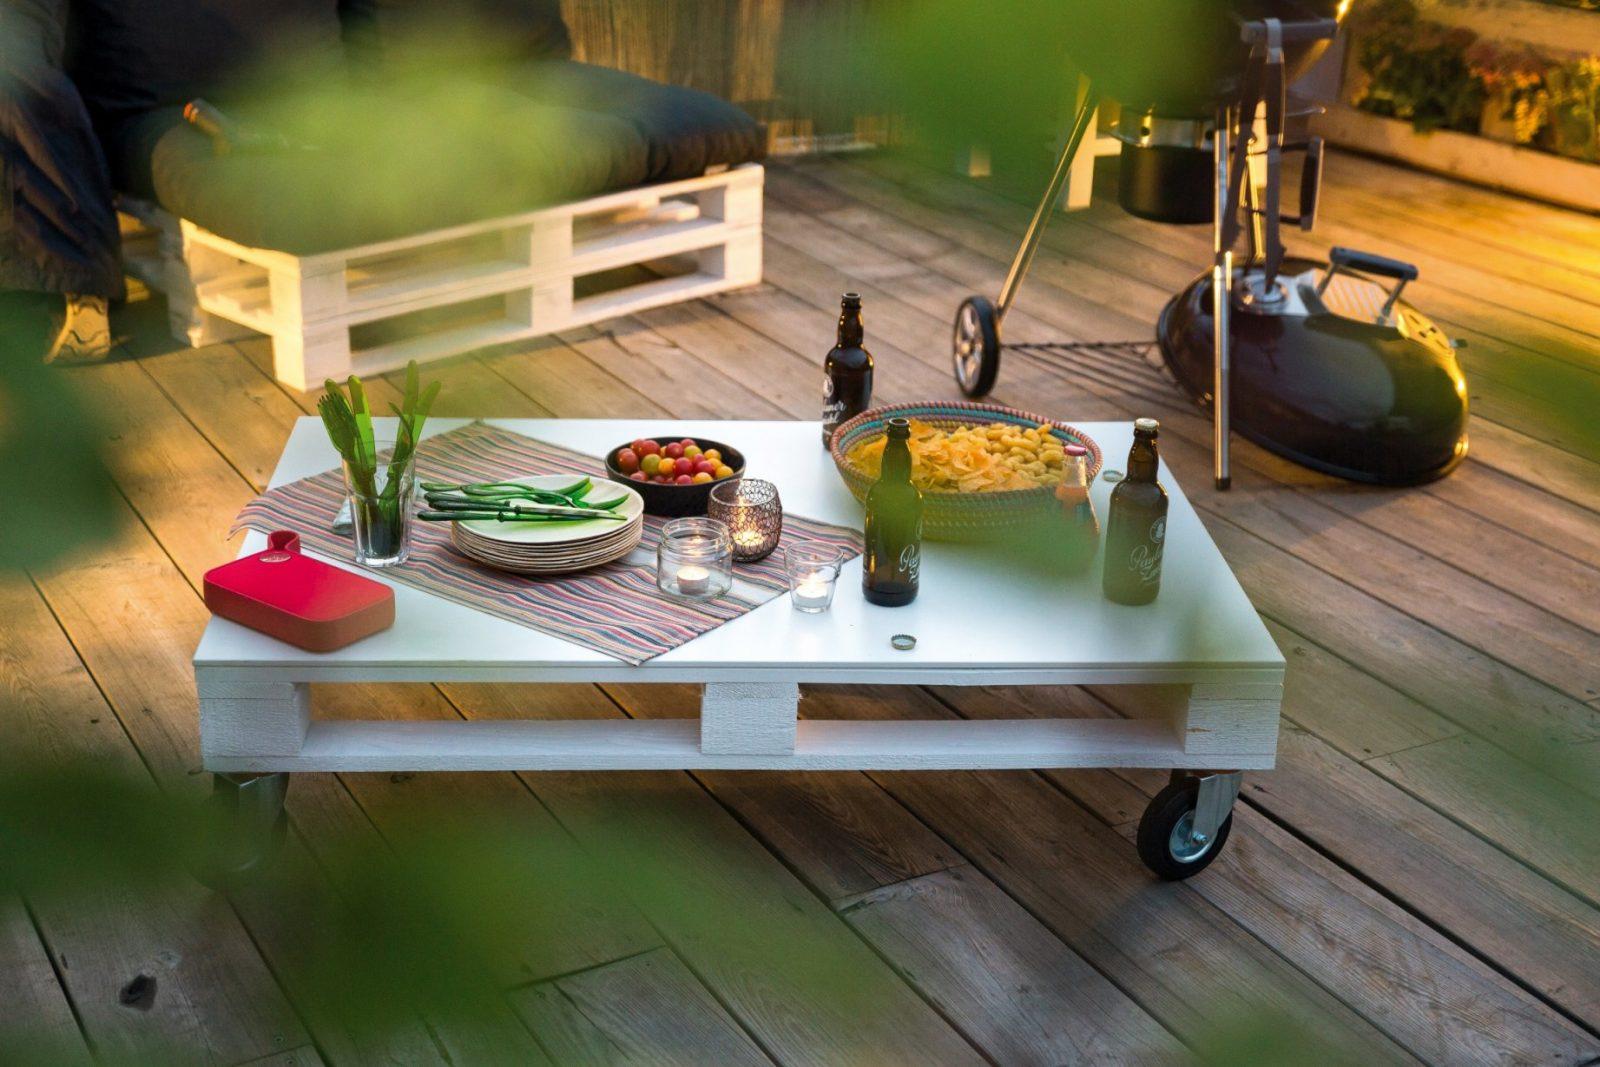 Tisch Aus Paletten Selber Bauen – Ideen Und Tipps  Obi von Tisch Selber Bauen Obi Bild